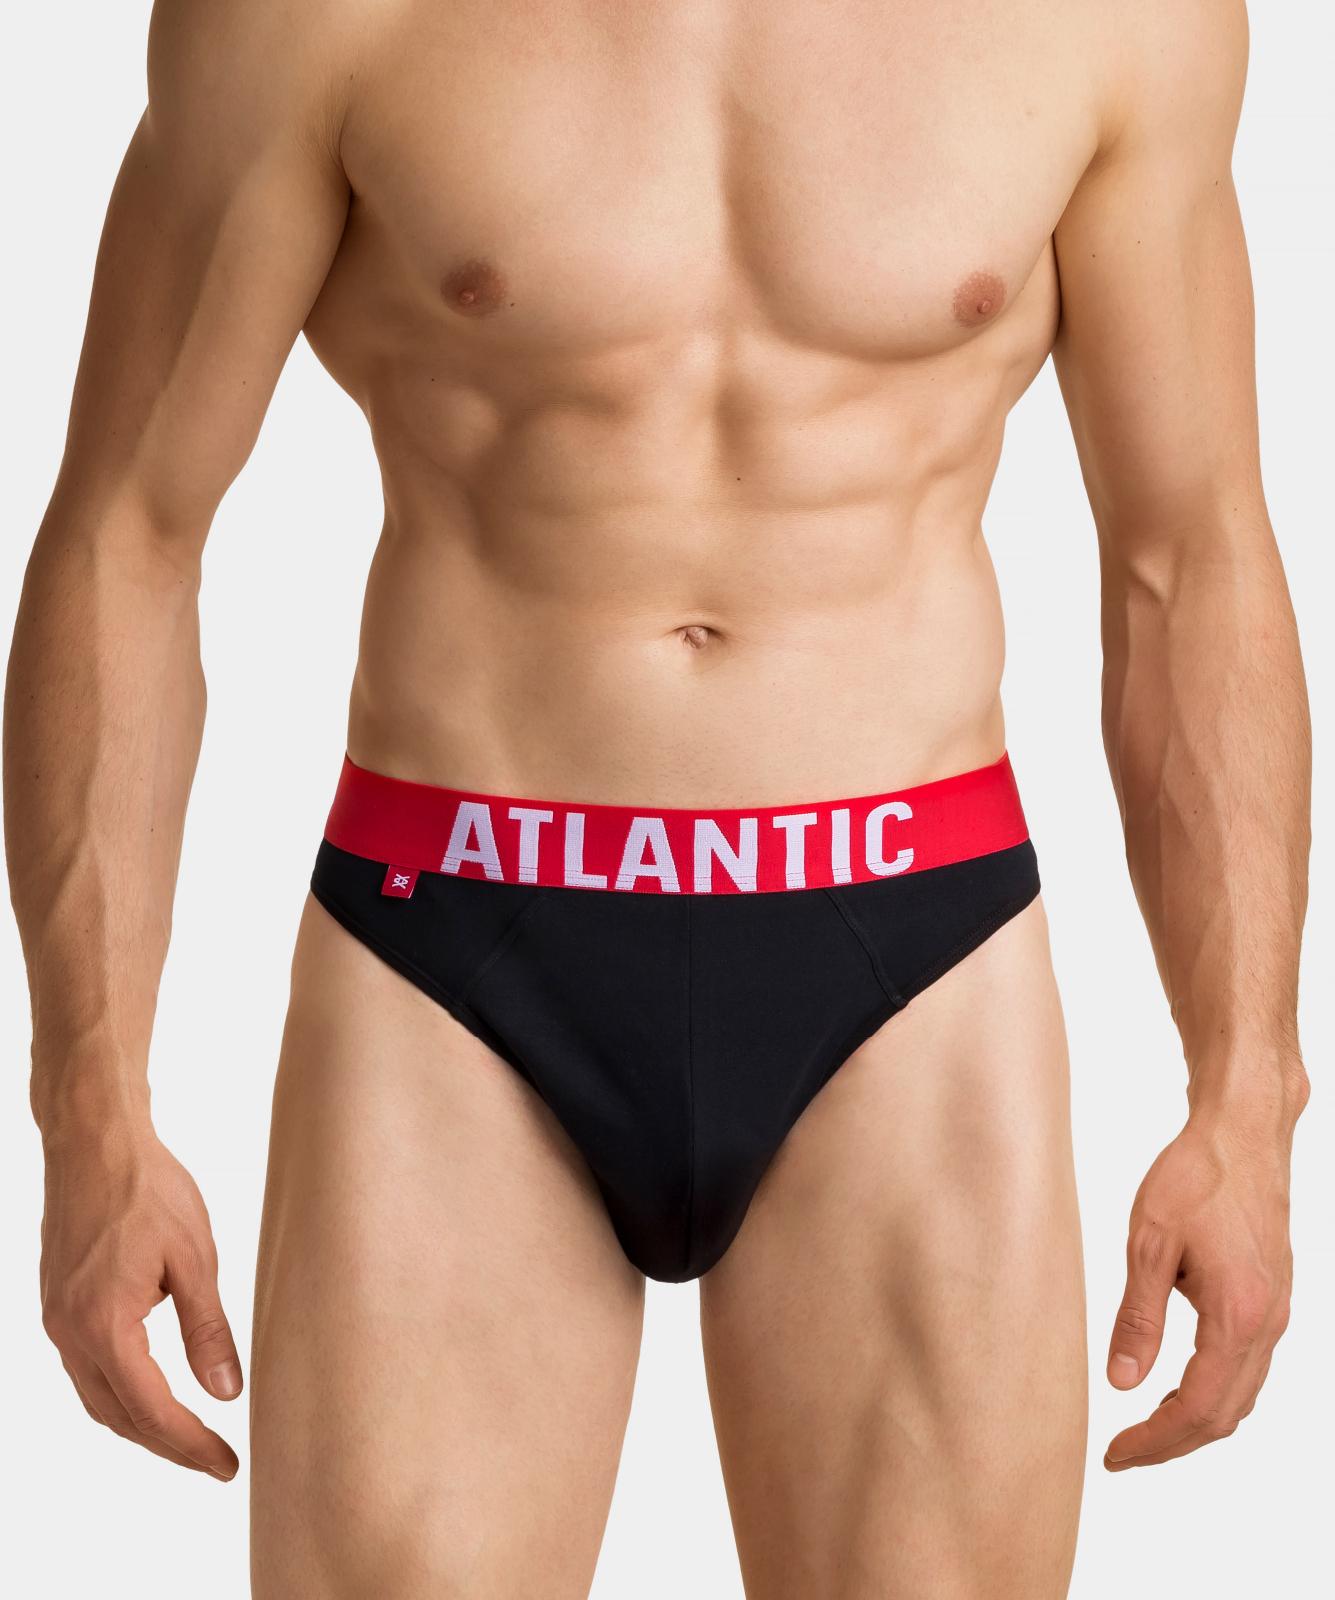 Мужские трусы слипы спорт Atlantic, набор 3 шт., хлопок, черные, 3SMP-003